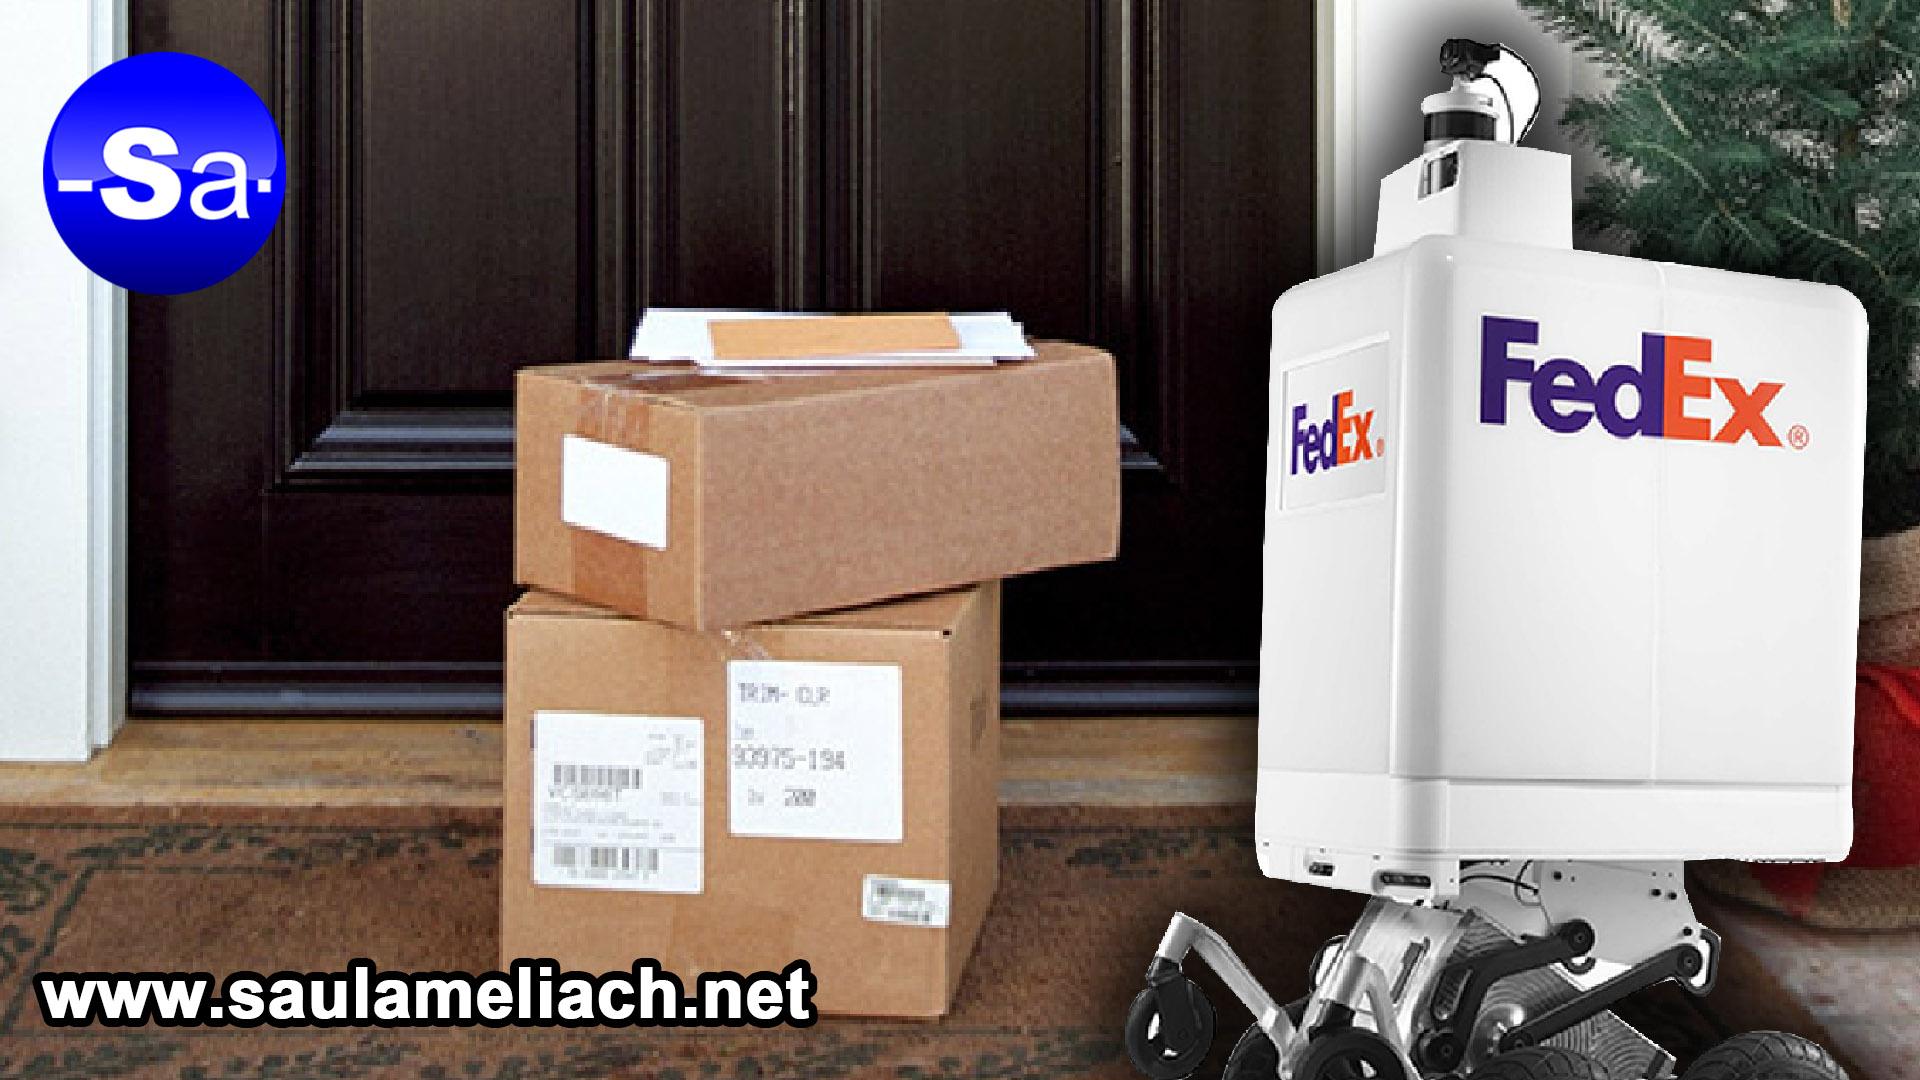 saul-ameliach-especialista-en-nuevos-desarrollos-saulameliach--fedex-implementar-robots-para-entregas-a-domicilio-2-fedex-tuvo-su-primer-encuentro-con-la-ley-al-usar-sus-robots-en-new-york-noticias